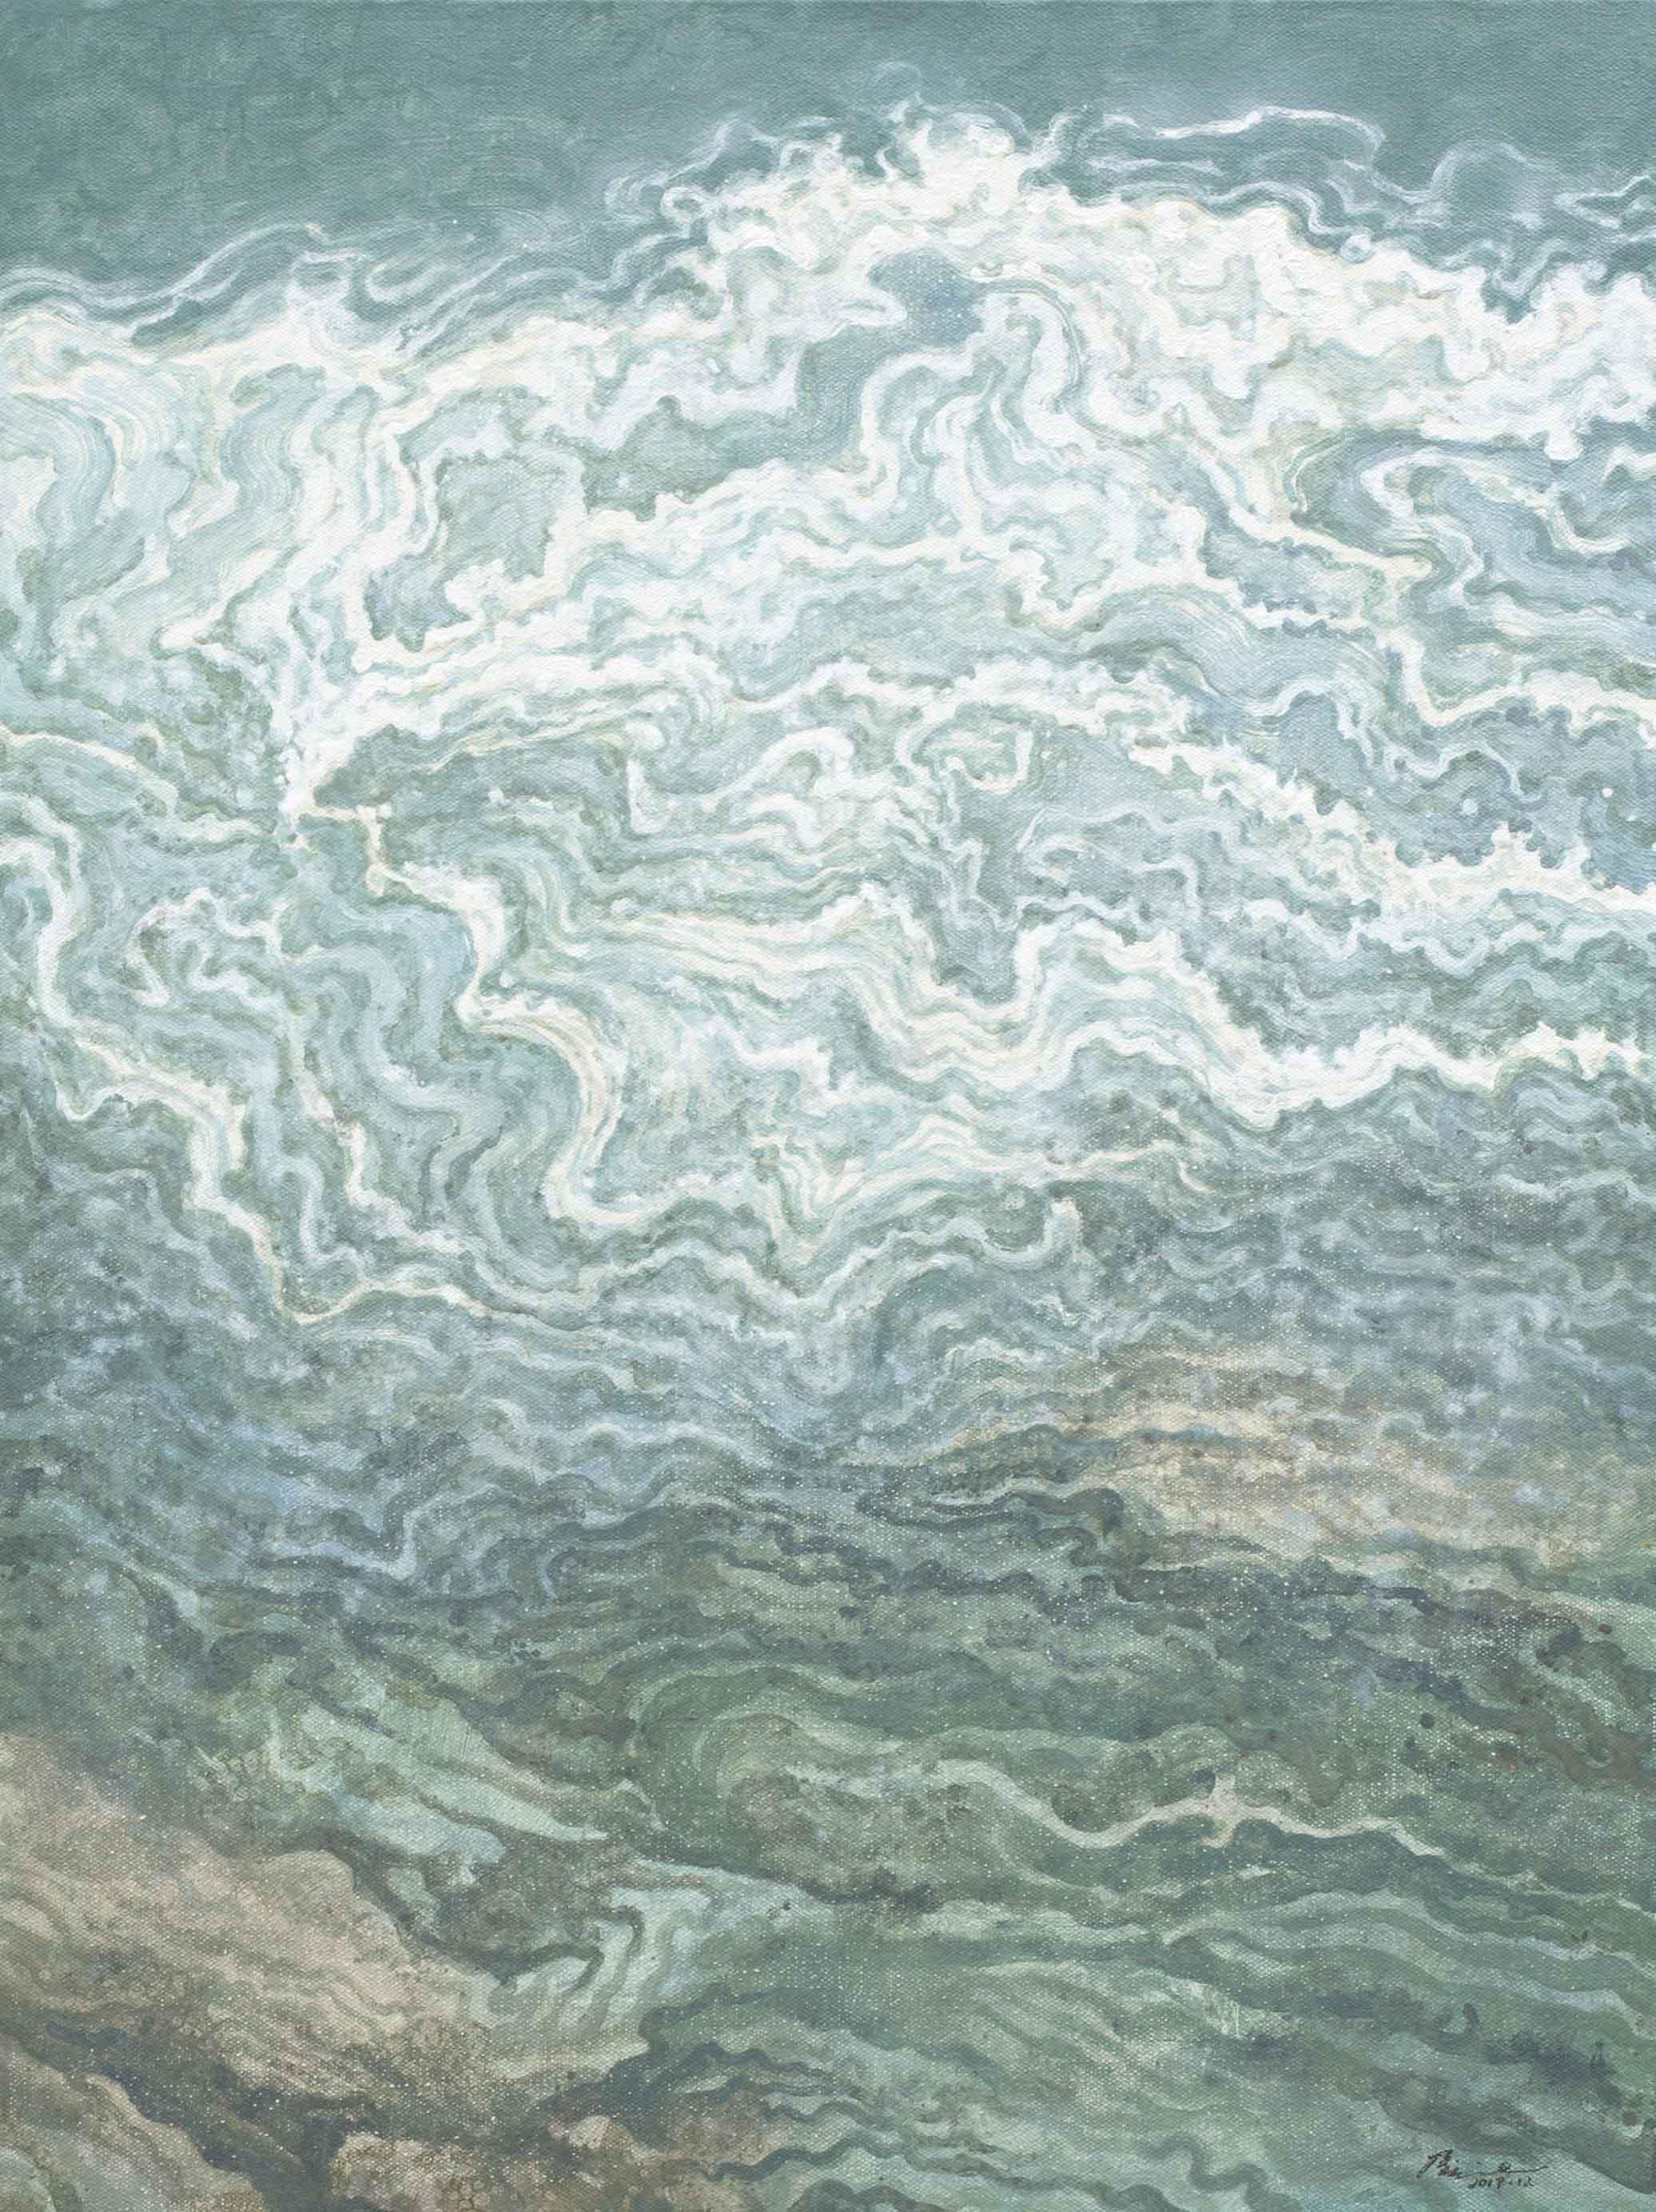 侯俊杰 HOU Junjie〈上善若水·觀瀾 NO.4 The Supreme Good is Like Water-Observing Ripples NO.4〉